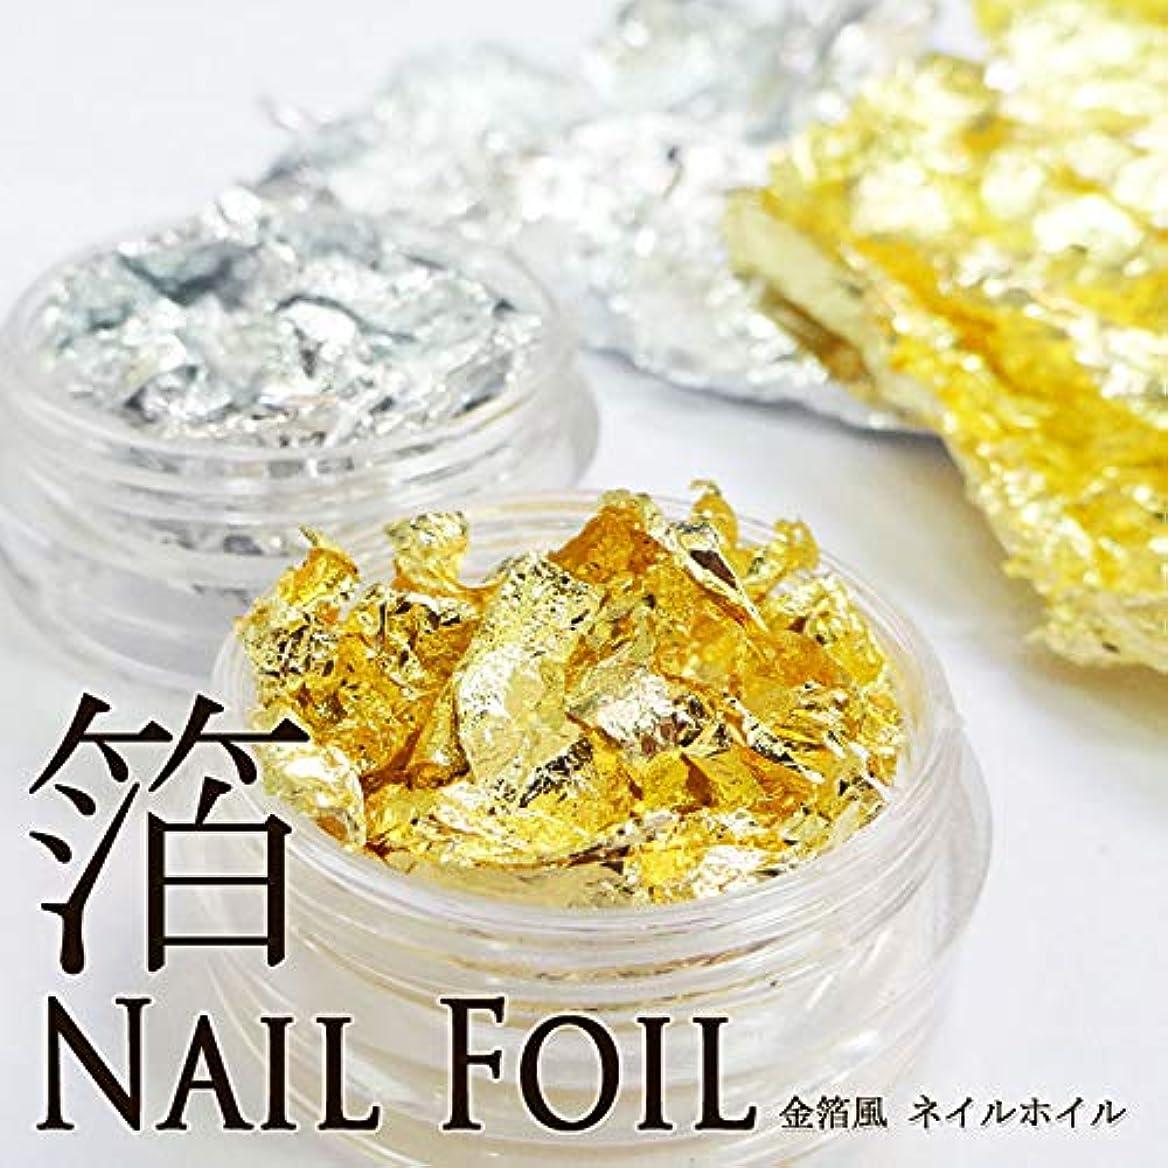 ゴミ箱を空にする塩範囲金箔風 ネイルホイル(ナゲット)ケース入り (ゴールド)